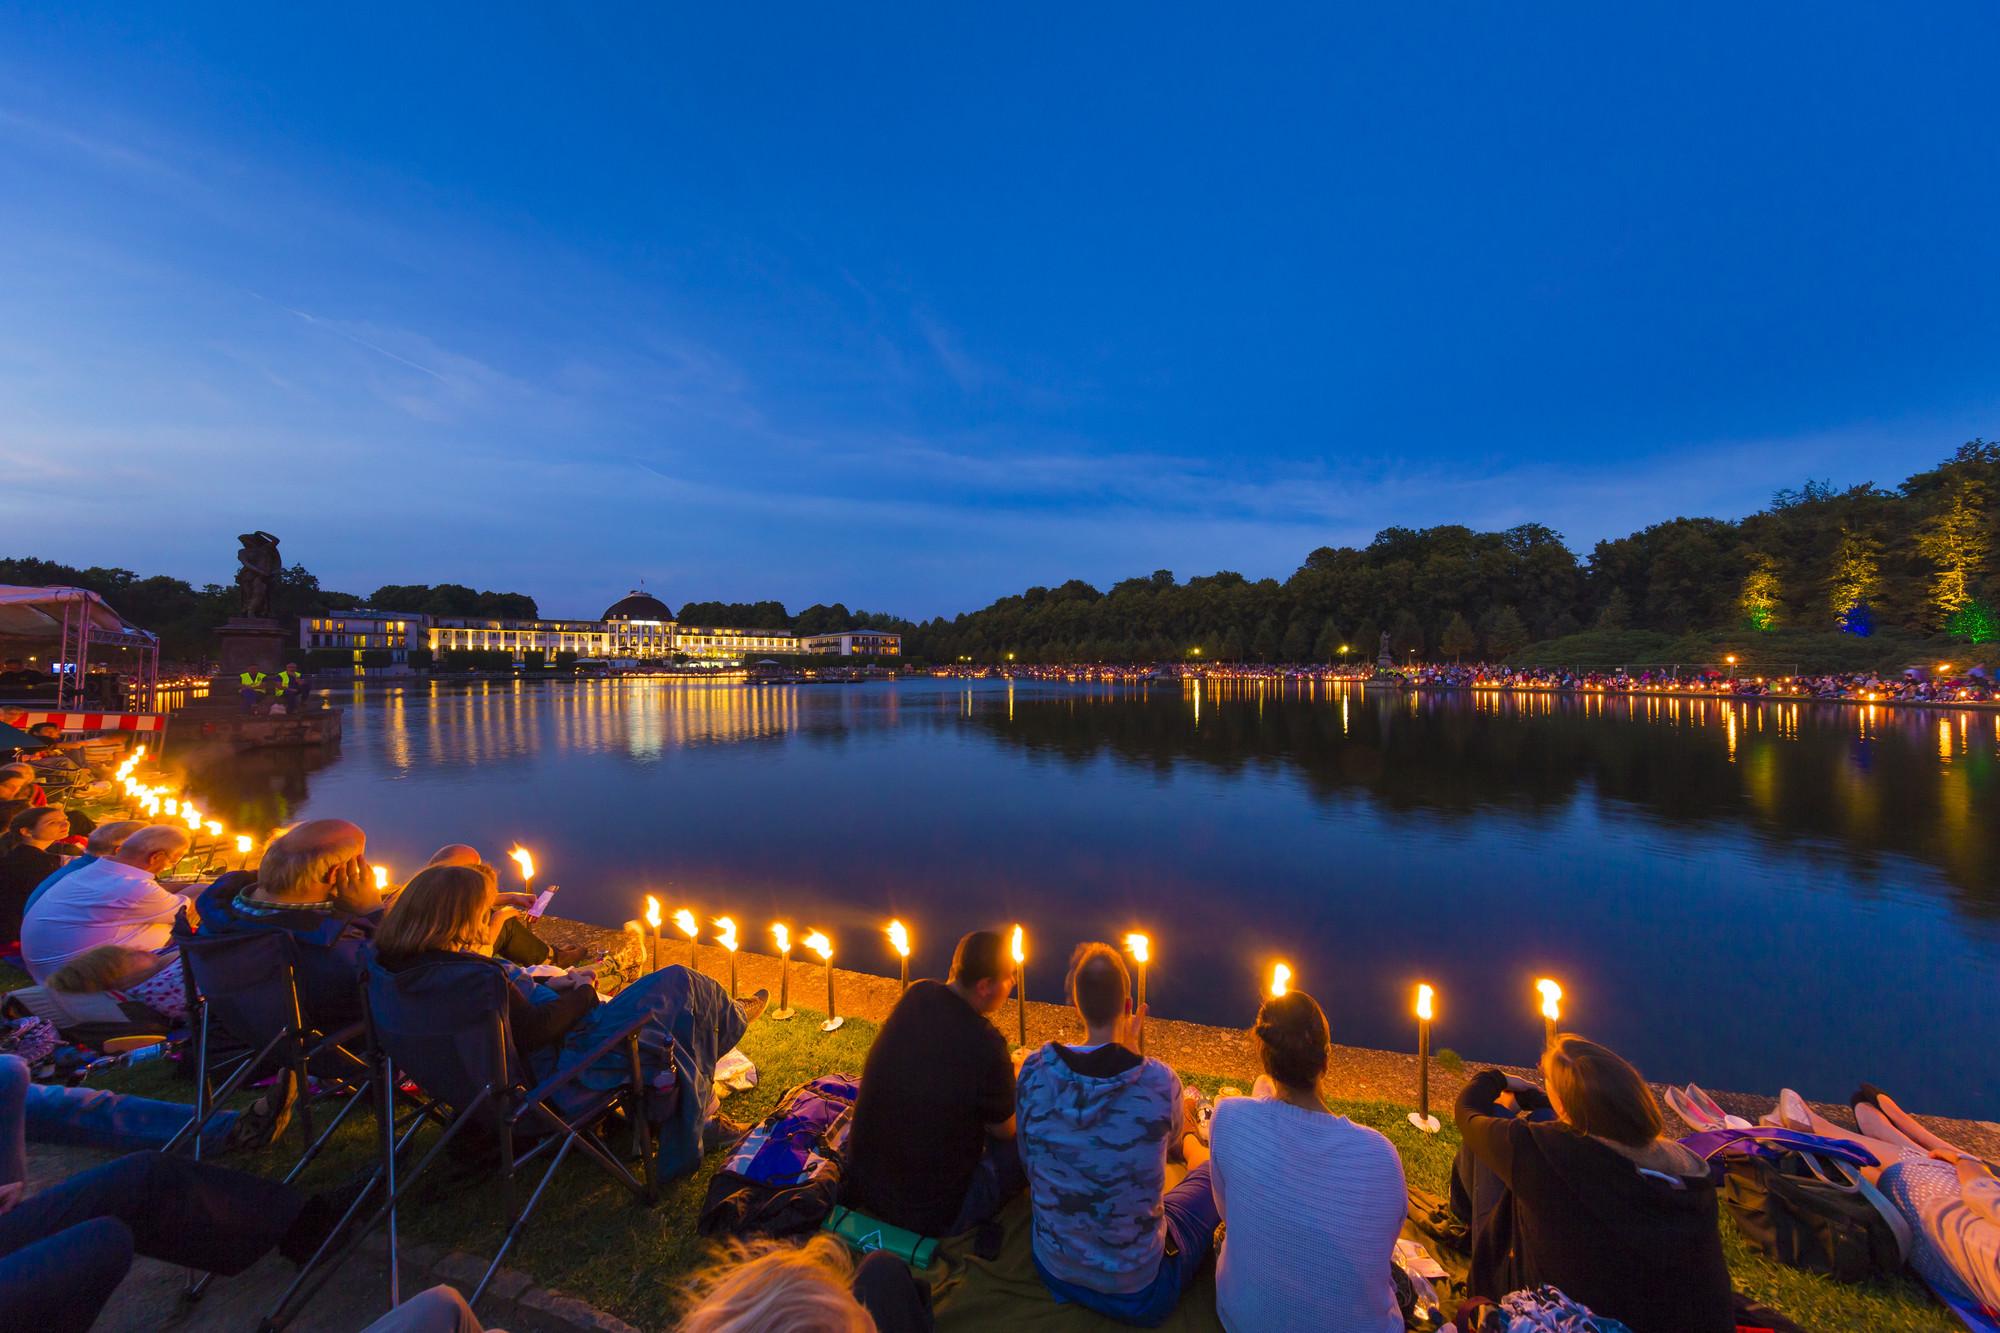 Menschen sitzen mit Picknickdecken um den Hollersee und lauschen einem klassischen Konzert